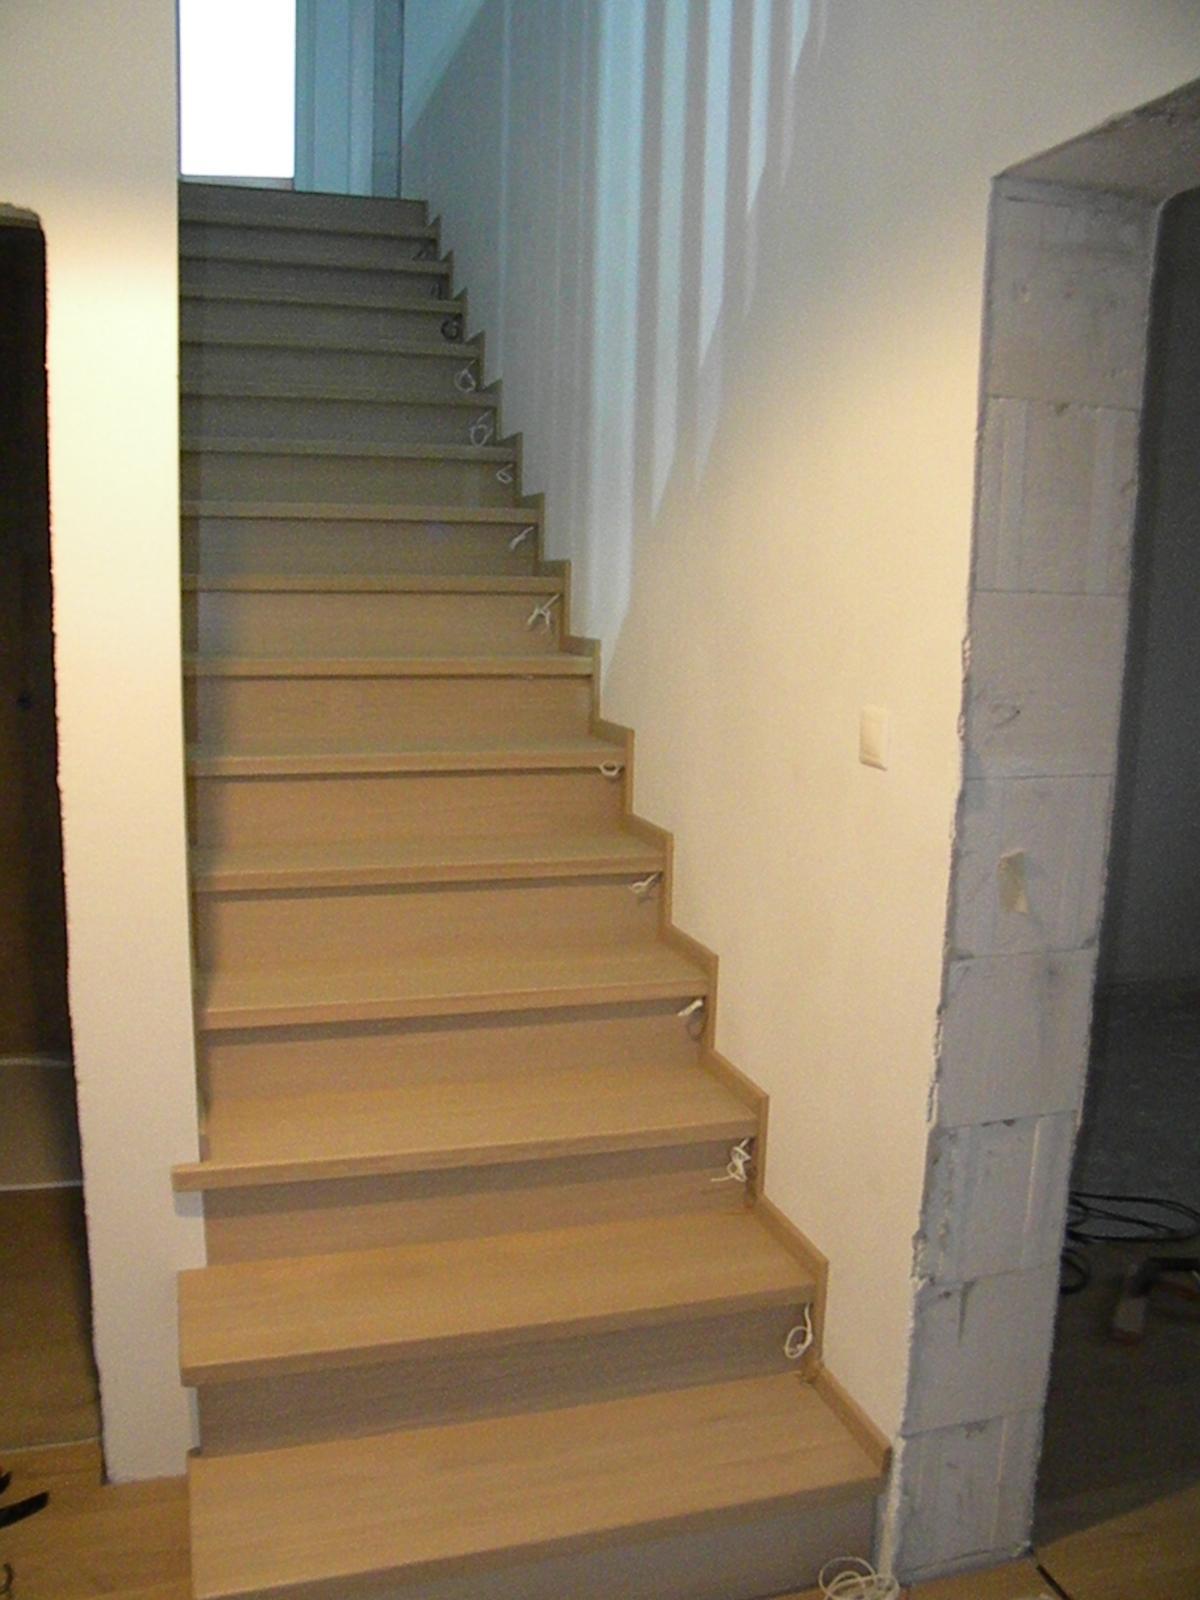 Výroba schodov, pozri môj profil - Obrázok č. 1